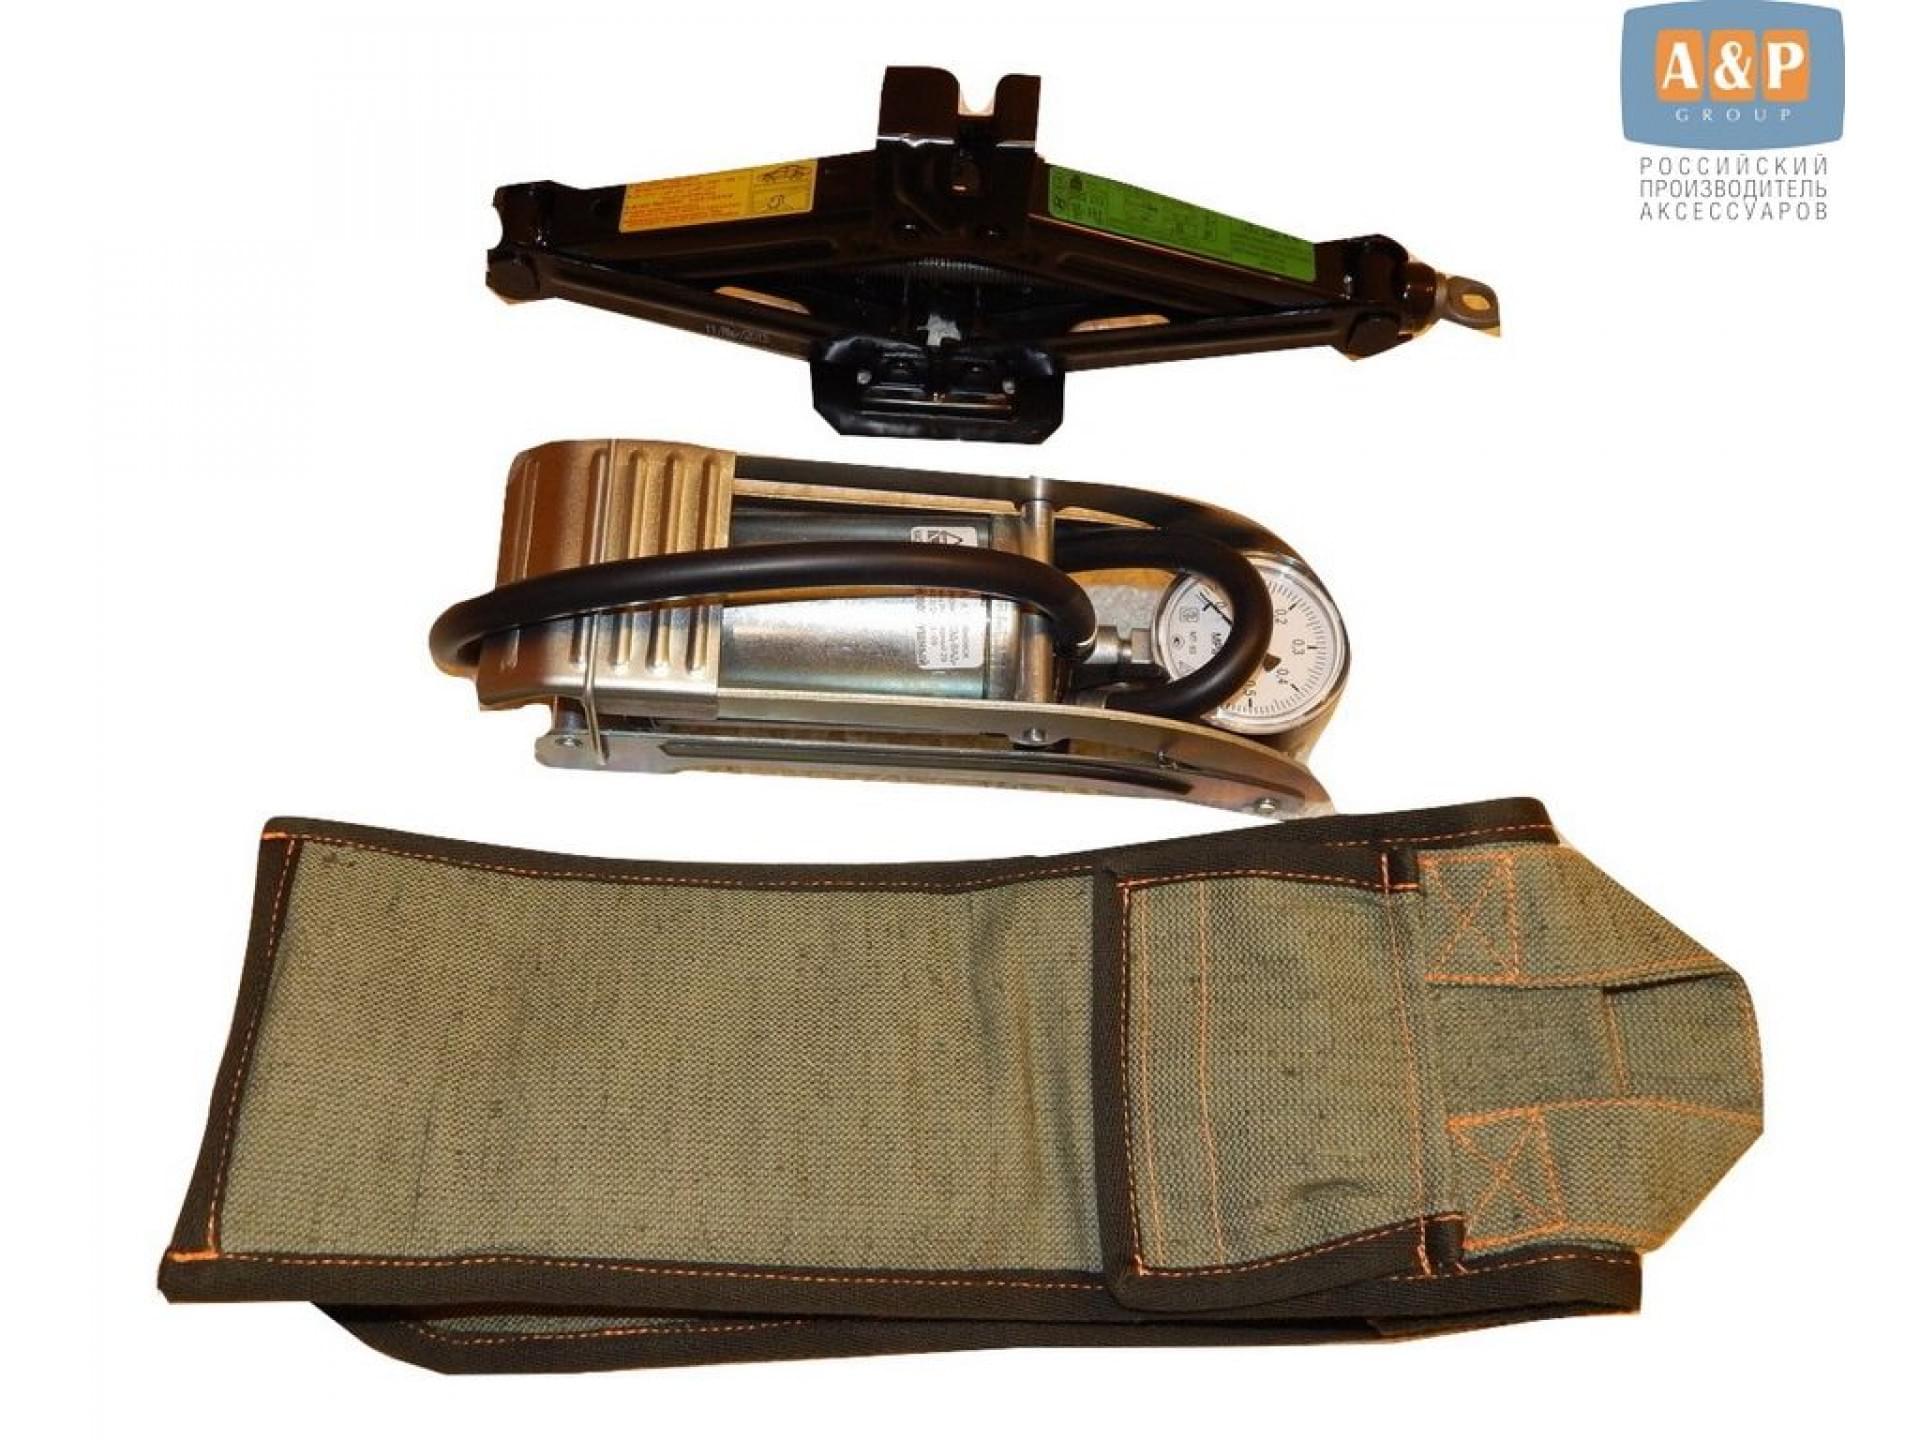 Сумка для домкрата или ножного насоса. Размеры 34х13х13 см. Материал – брезент.